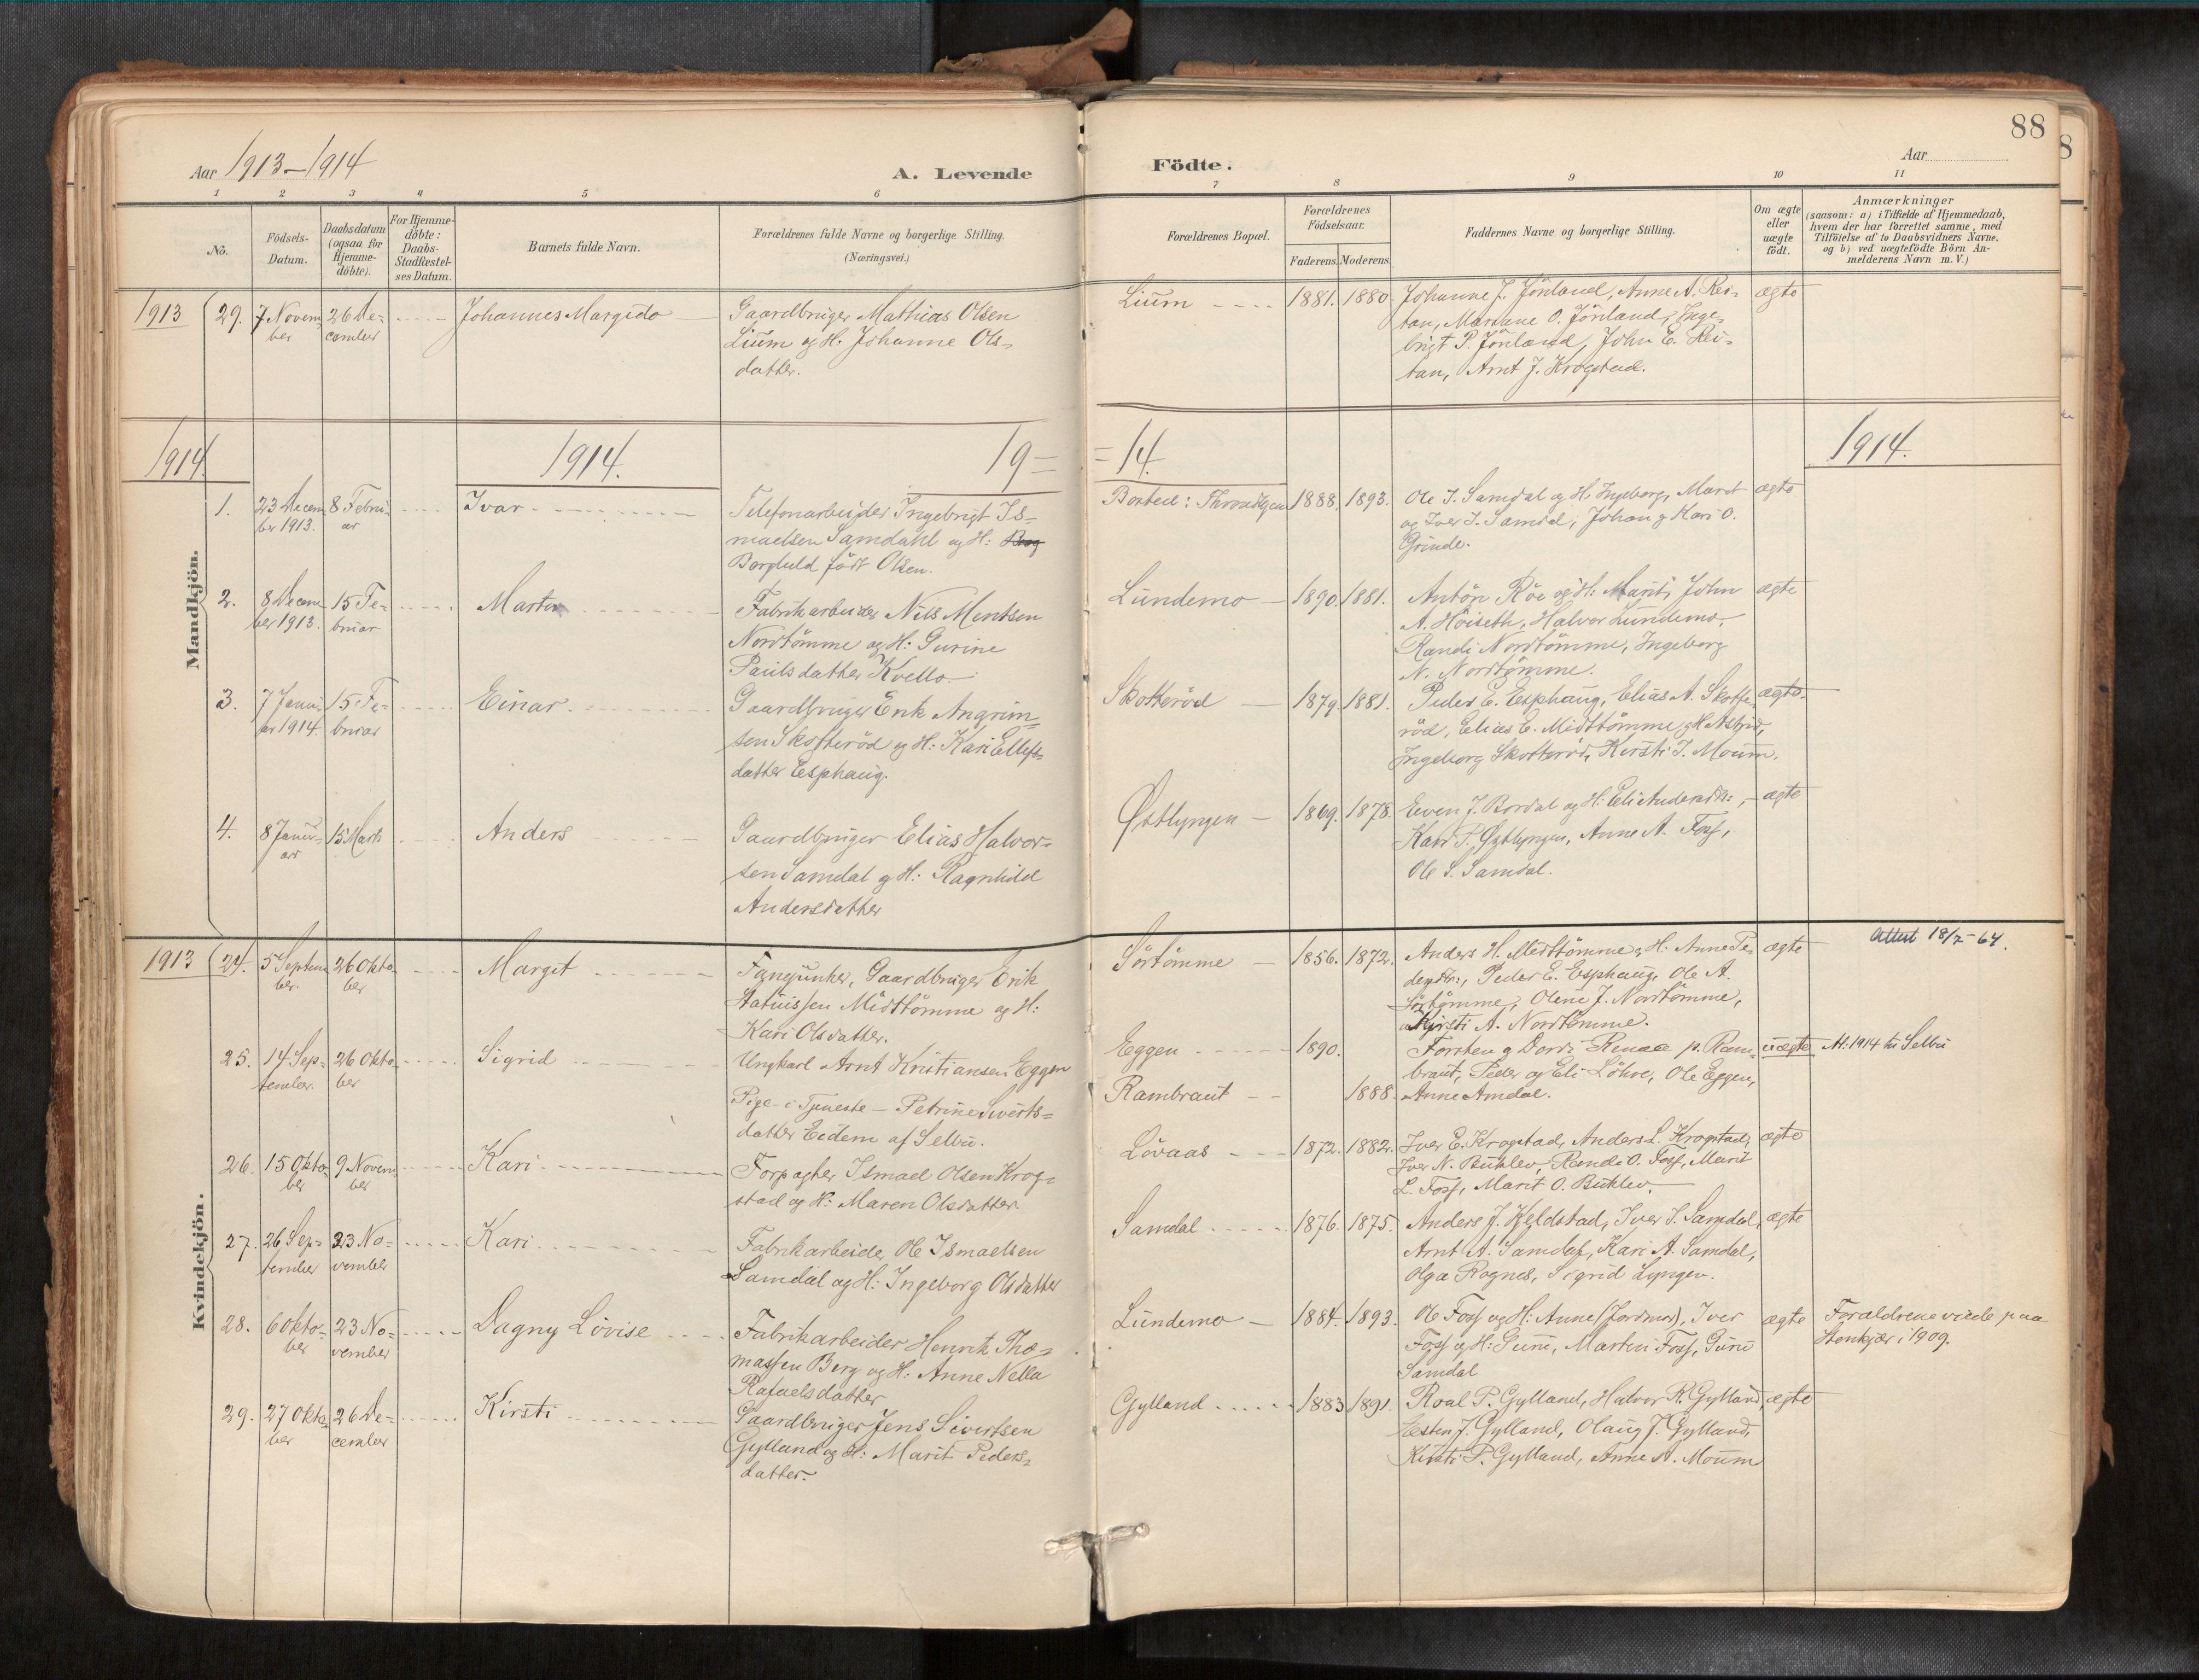 SAT, Ministerialprotokoller, klokkerbøker og fødselsregistre - Sør-Trøndelag, 692/L1105b: Ministerialbok nr. 692A06, 1891-1934, s. 88